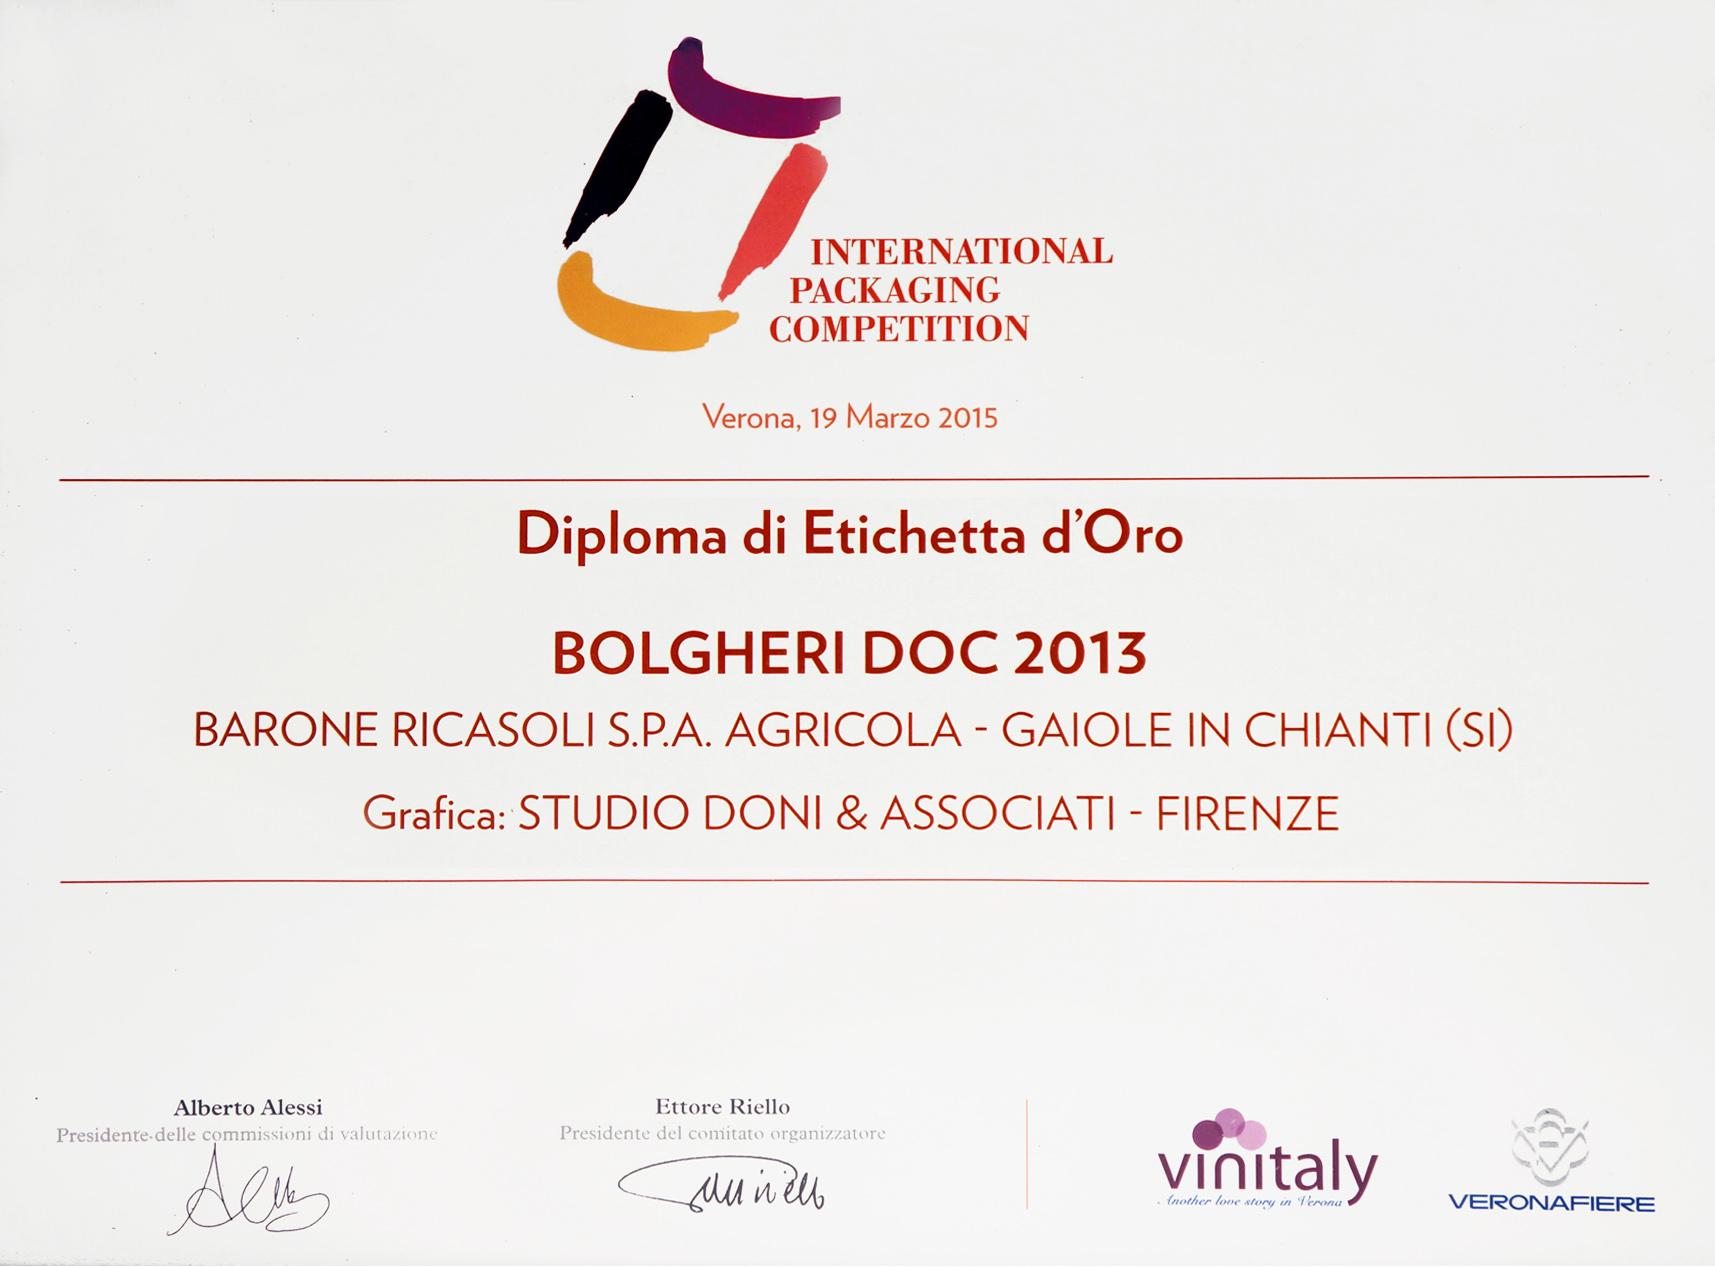 doni-etichetta-oro-ricasoli-vinitaly-2015